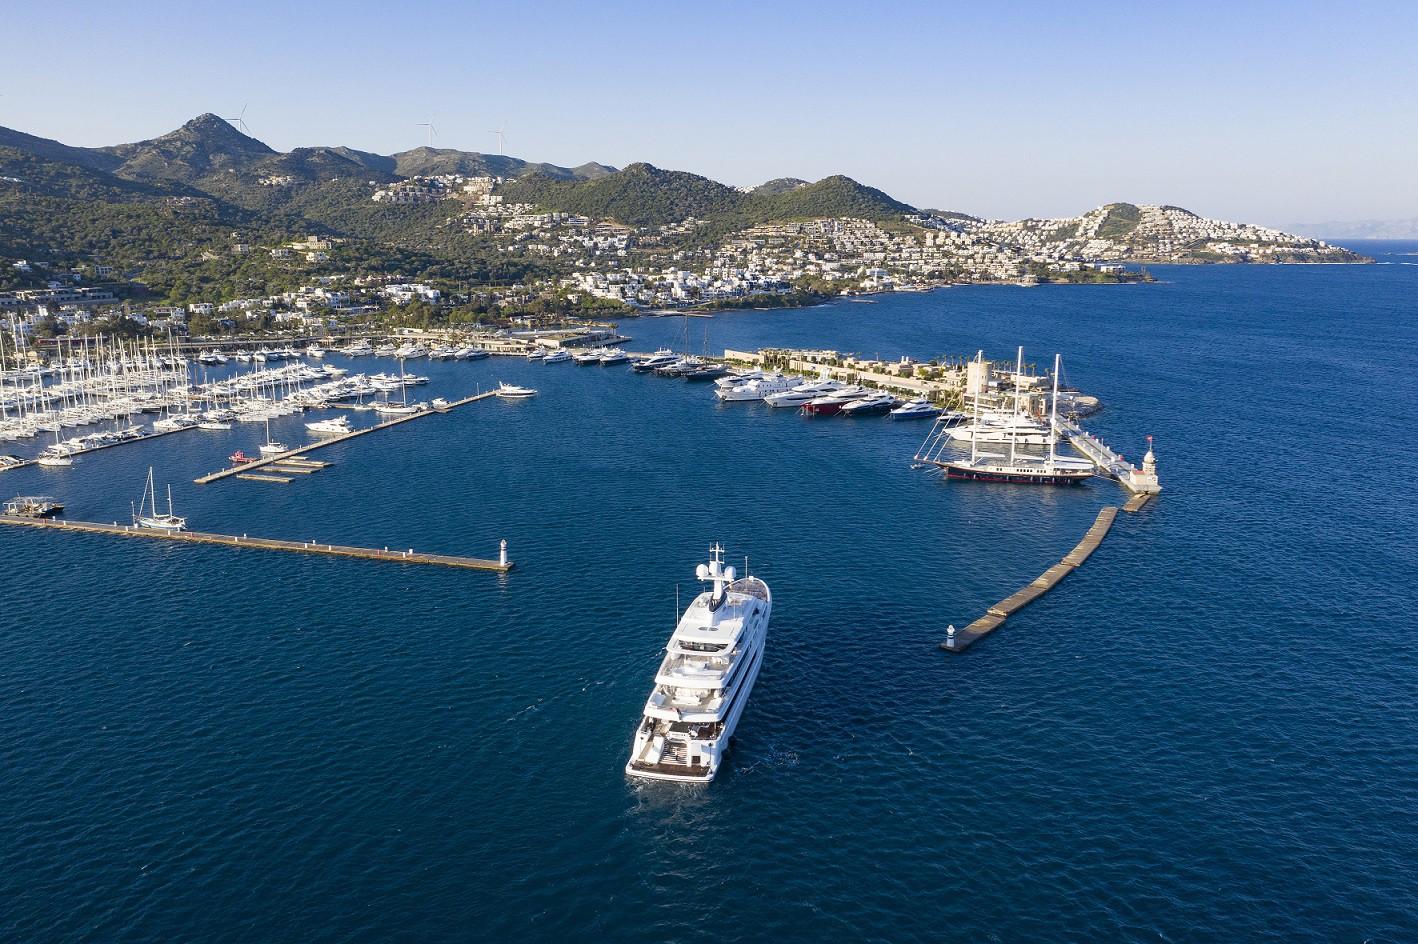 Türkiye kıyılarının şartları ve yerleşim yerlerine yakınlığı nedeni ile marinalarla çevrili. (Fotoğraf: Bodrum Yalıkavak Marina)